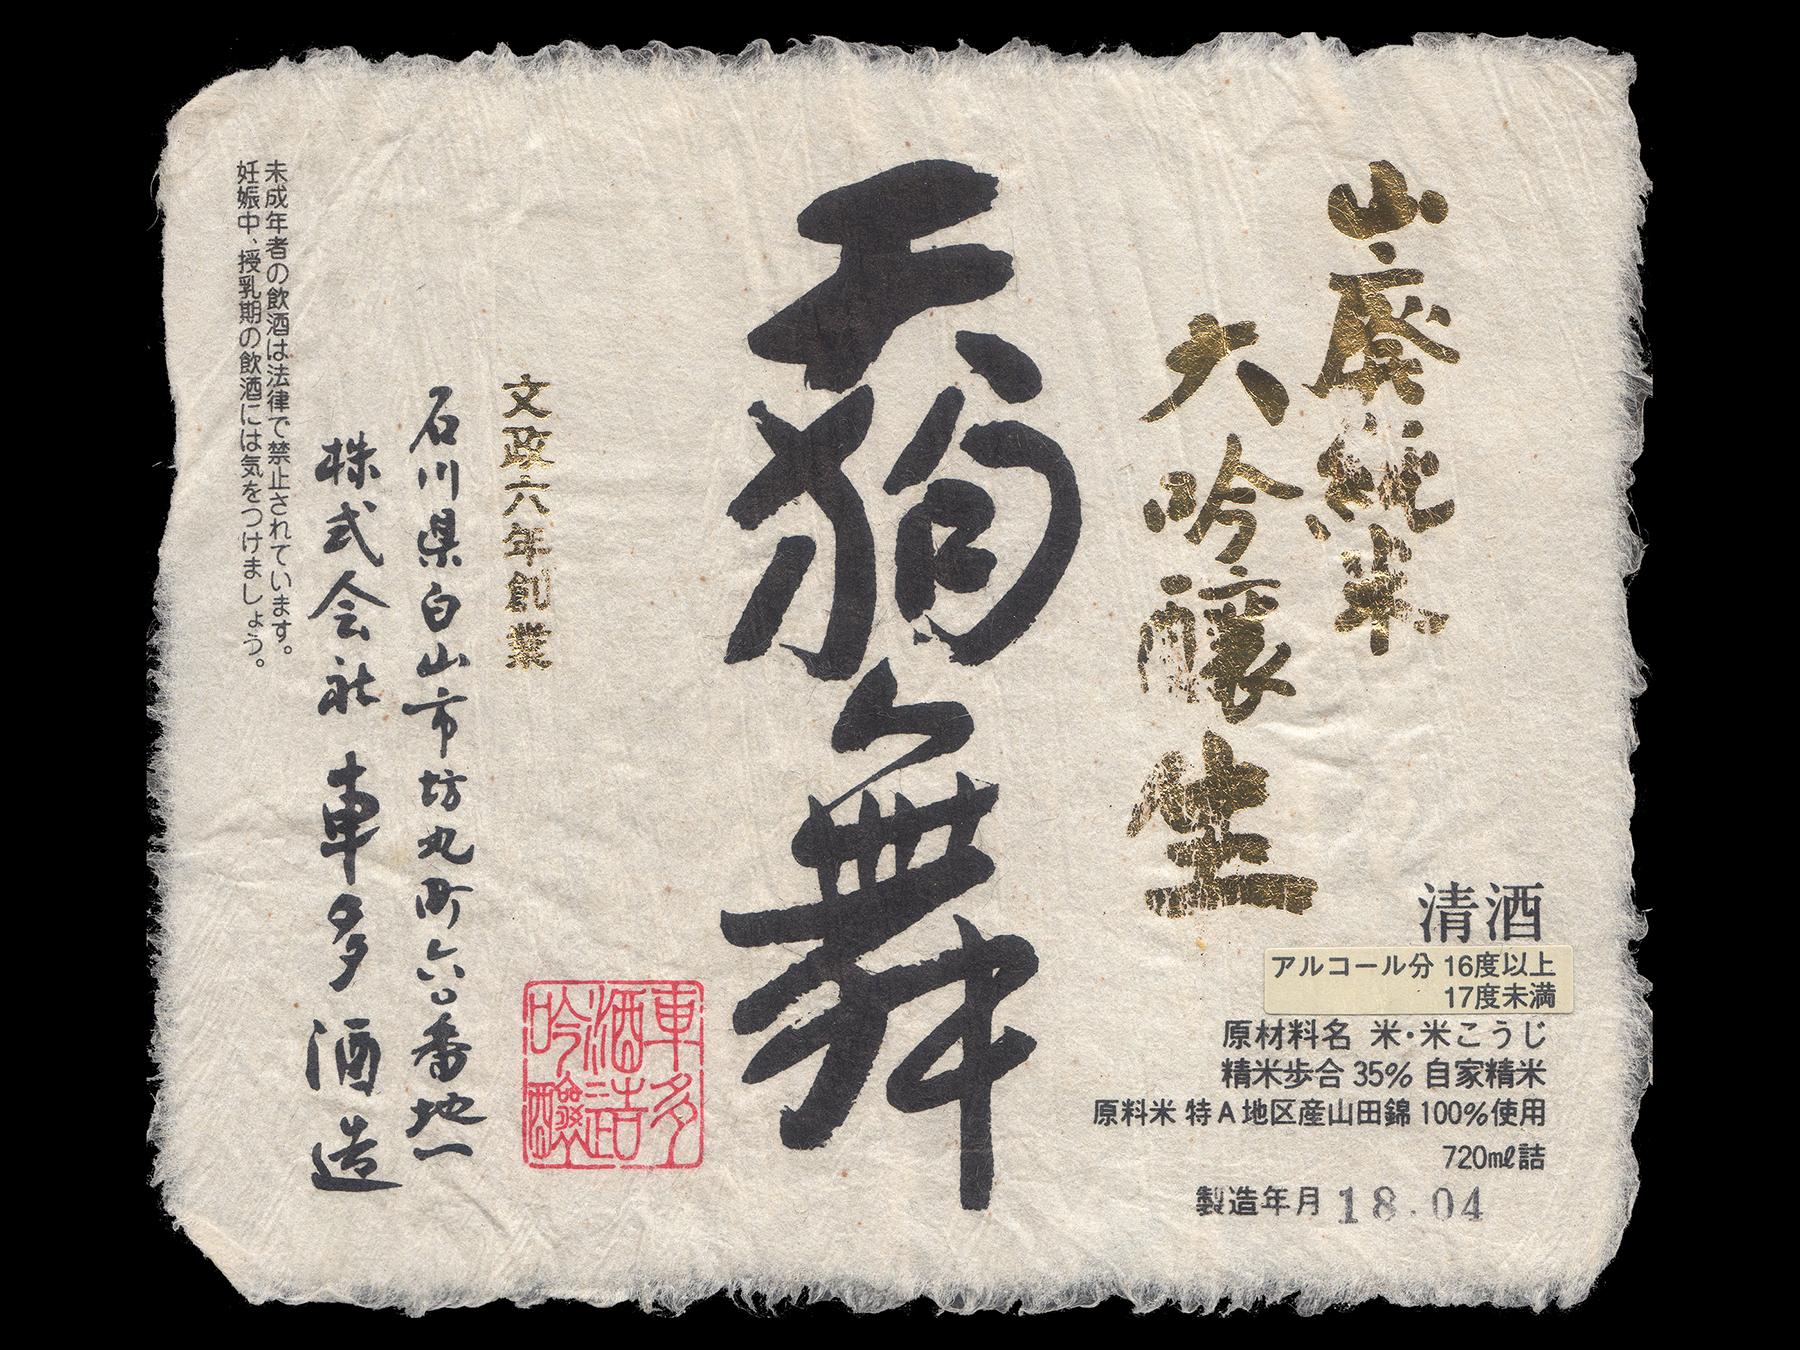 天狗舞(てんぐまい)「純米大吟醸」山廃生ラベル